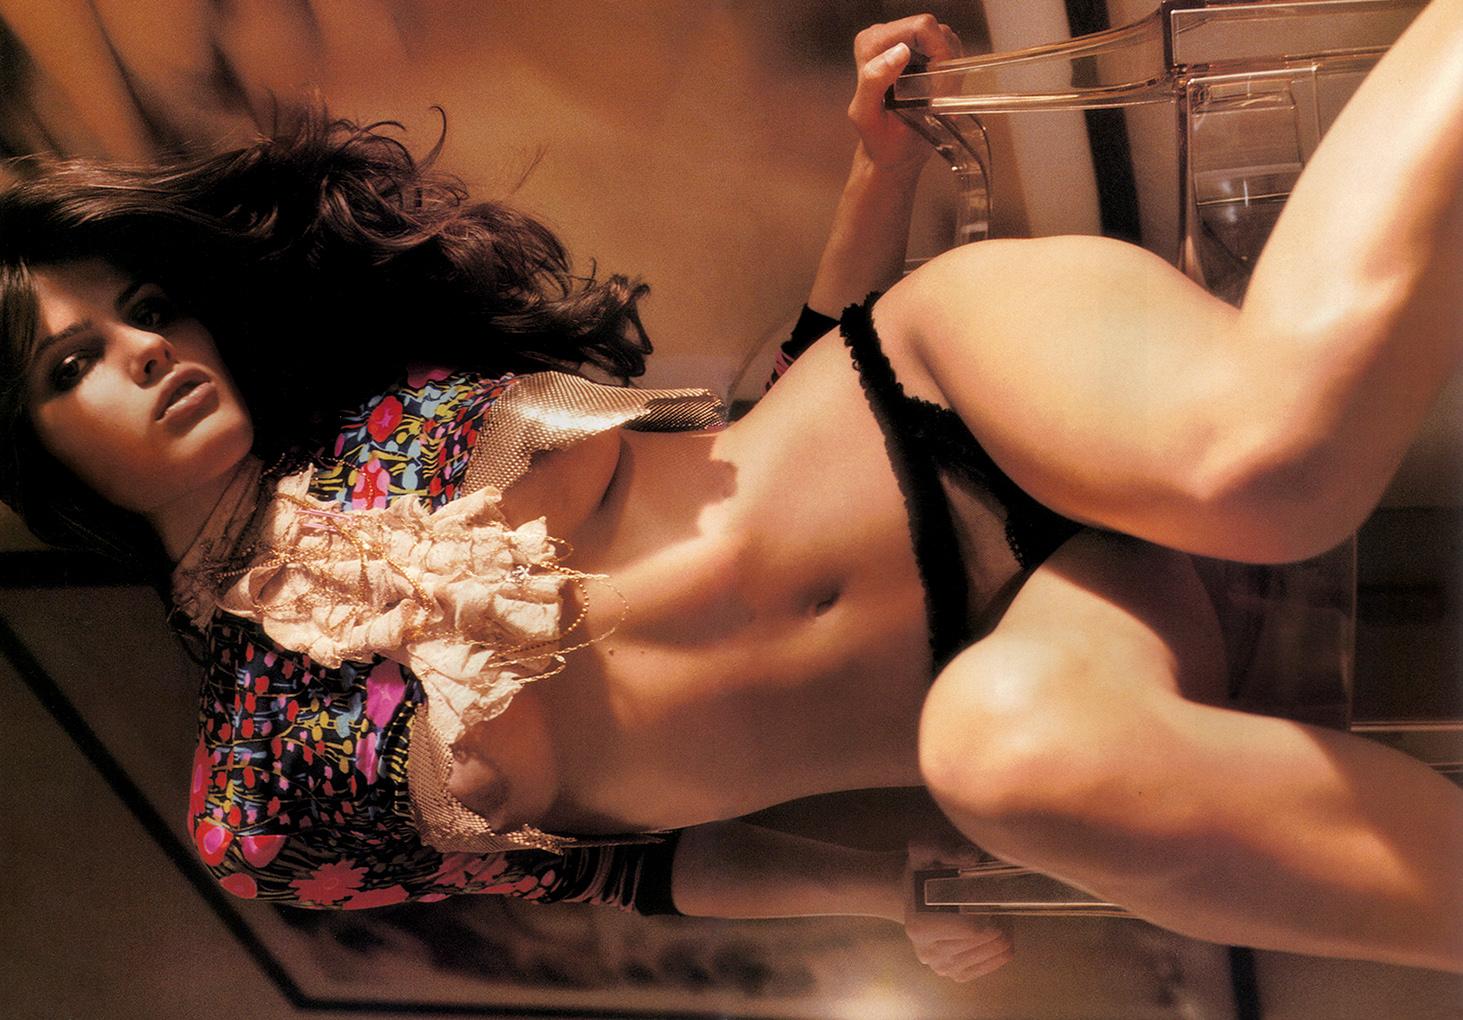 Порно фото бразильских модели изабели фонтана, порно русские туристки и арабы